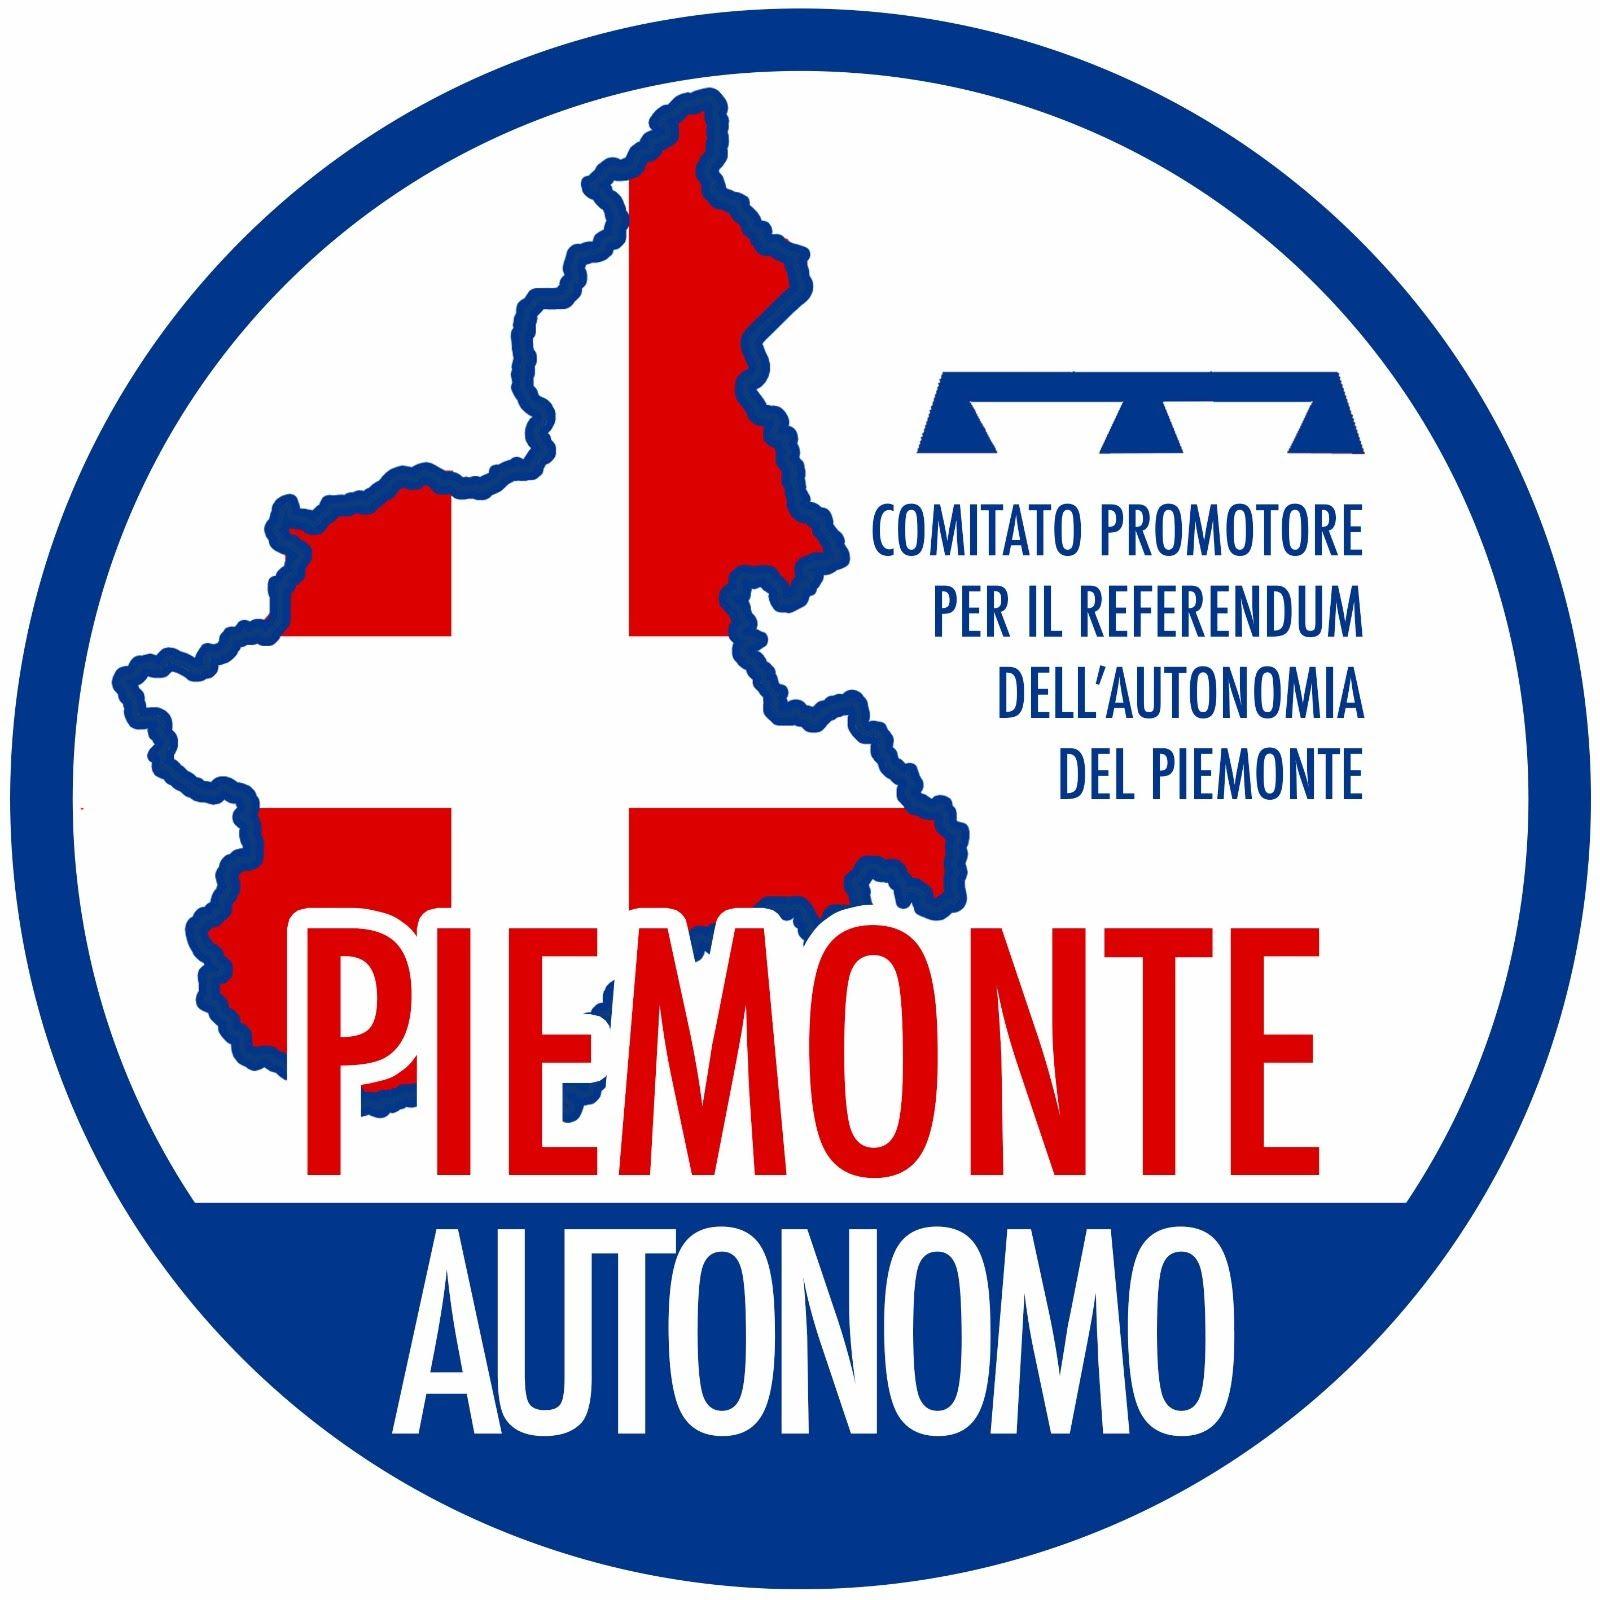 La Guida - Un comitato per l'autonomia del Piemonte